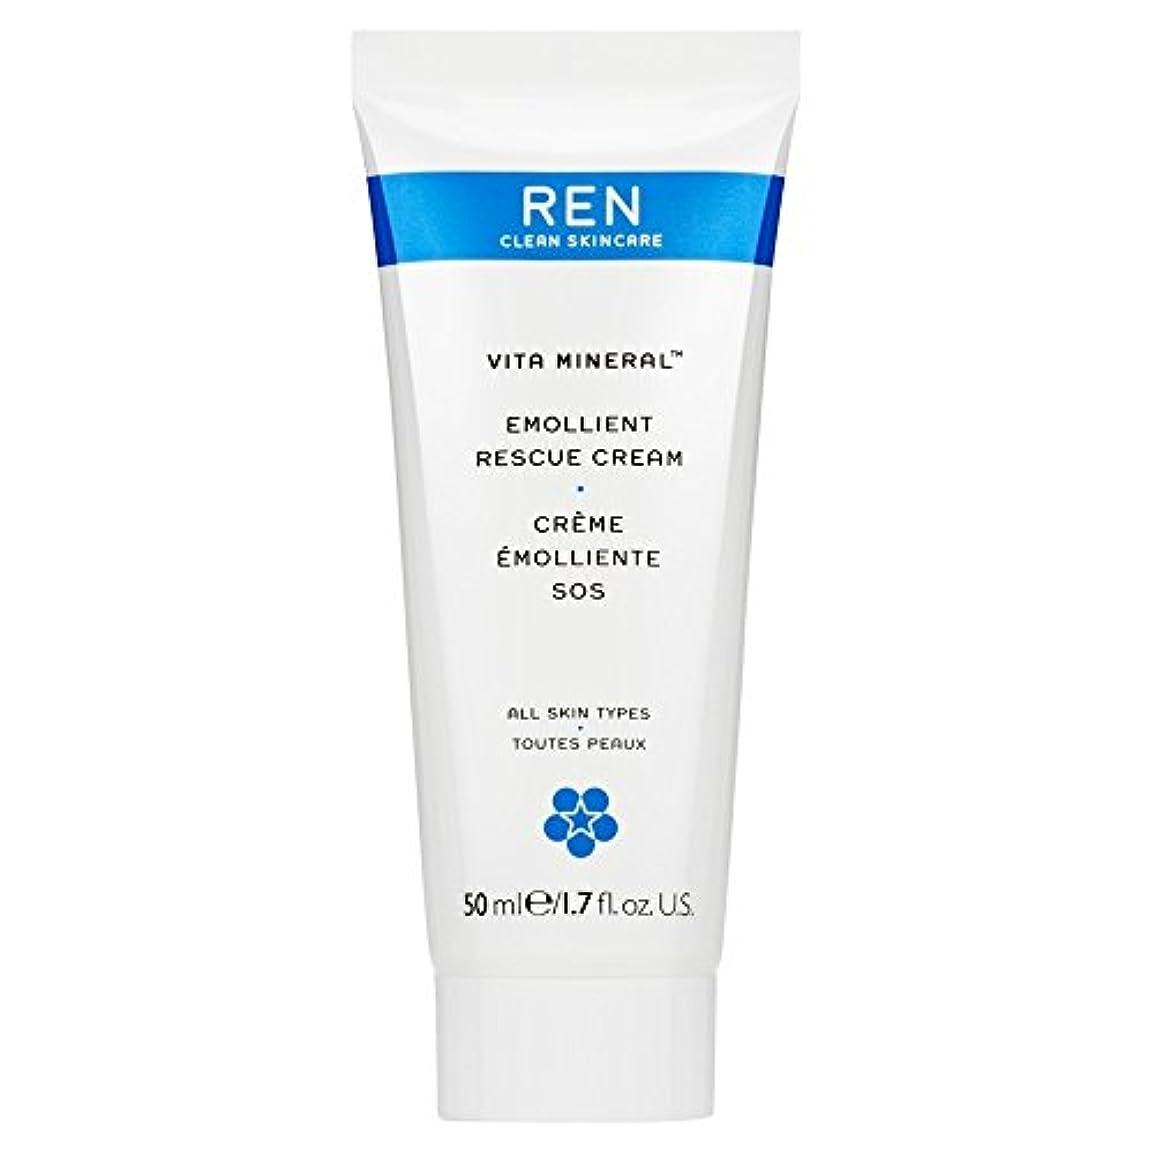 風変わりなスティーブンソンティッシュRenヴィータミネラルレスキュークリーム、50ミリリットル (REN) - REN Vita Mineral Rescue Cream, 50ml [並行輸入品]